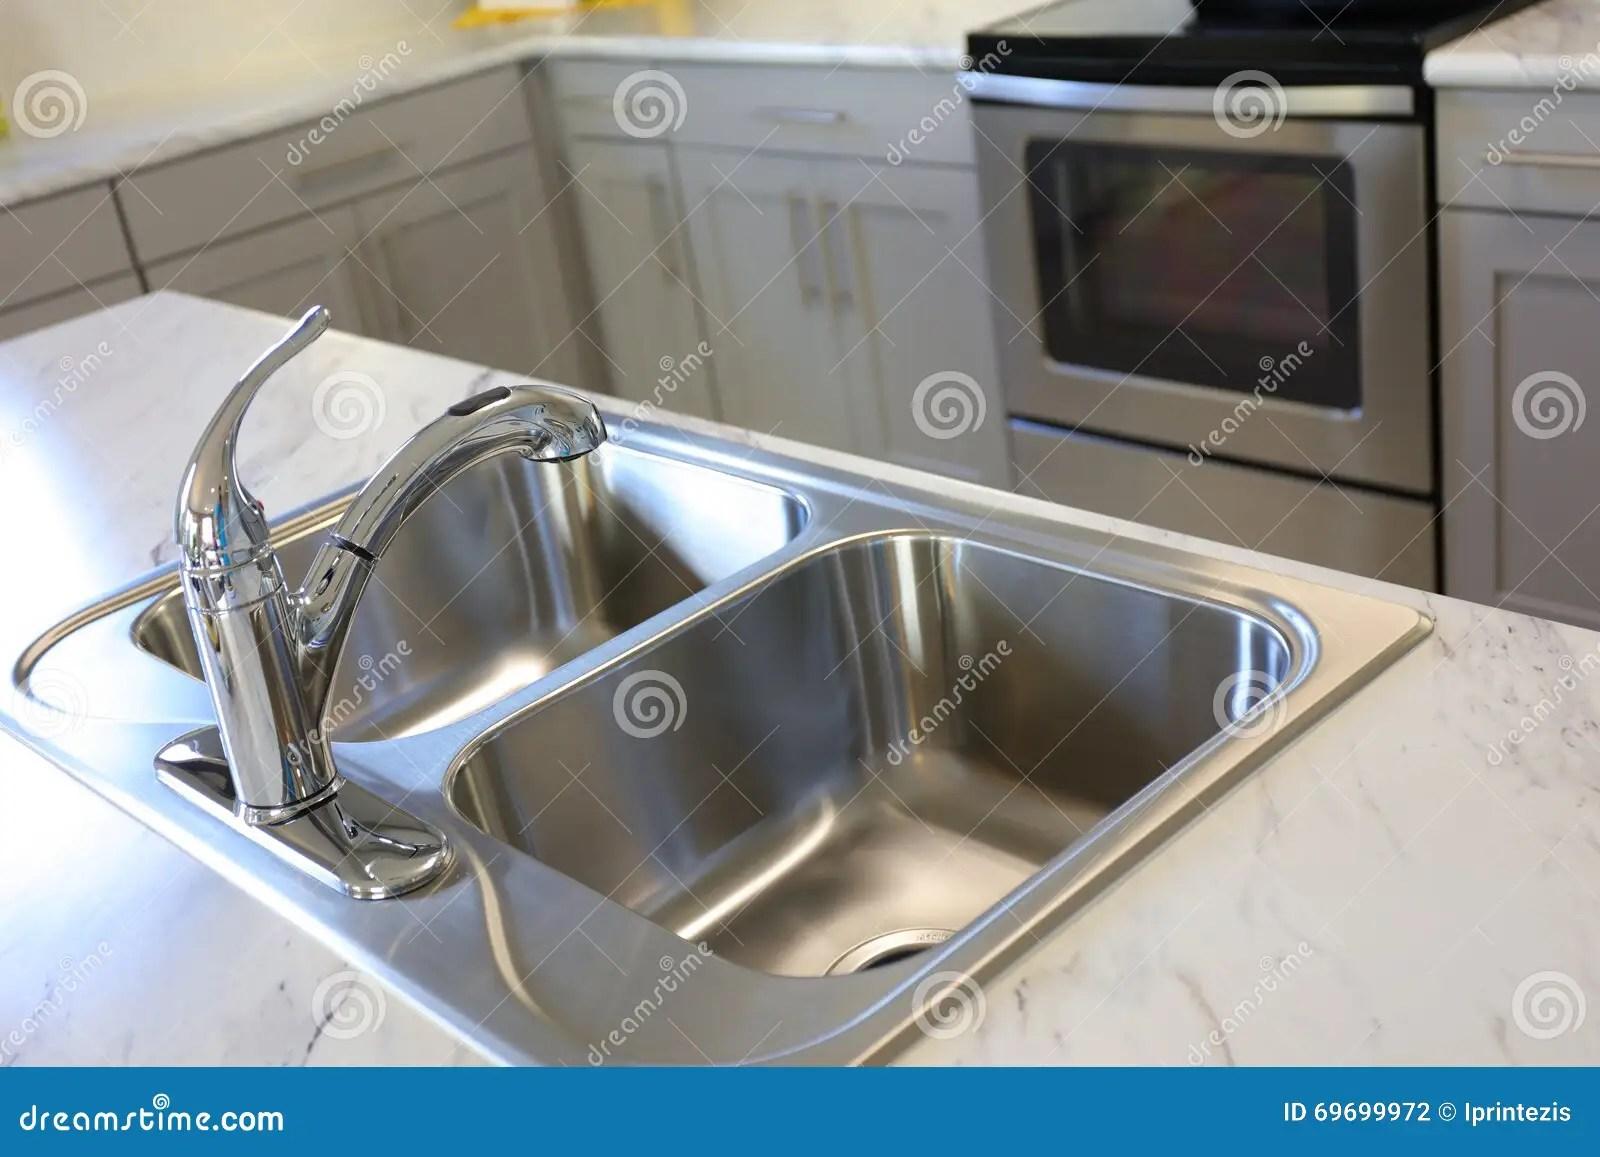 high end kitchen sinks cheap stools 厨房现代水槽库存照片 图片包括有花岗岩 商业 设计 并且 灌肠器 现代高端豪华厨房不锈钢水槽